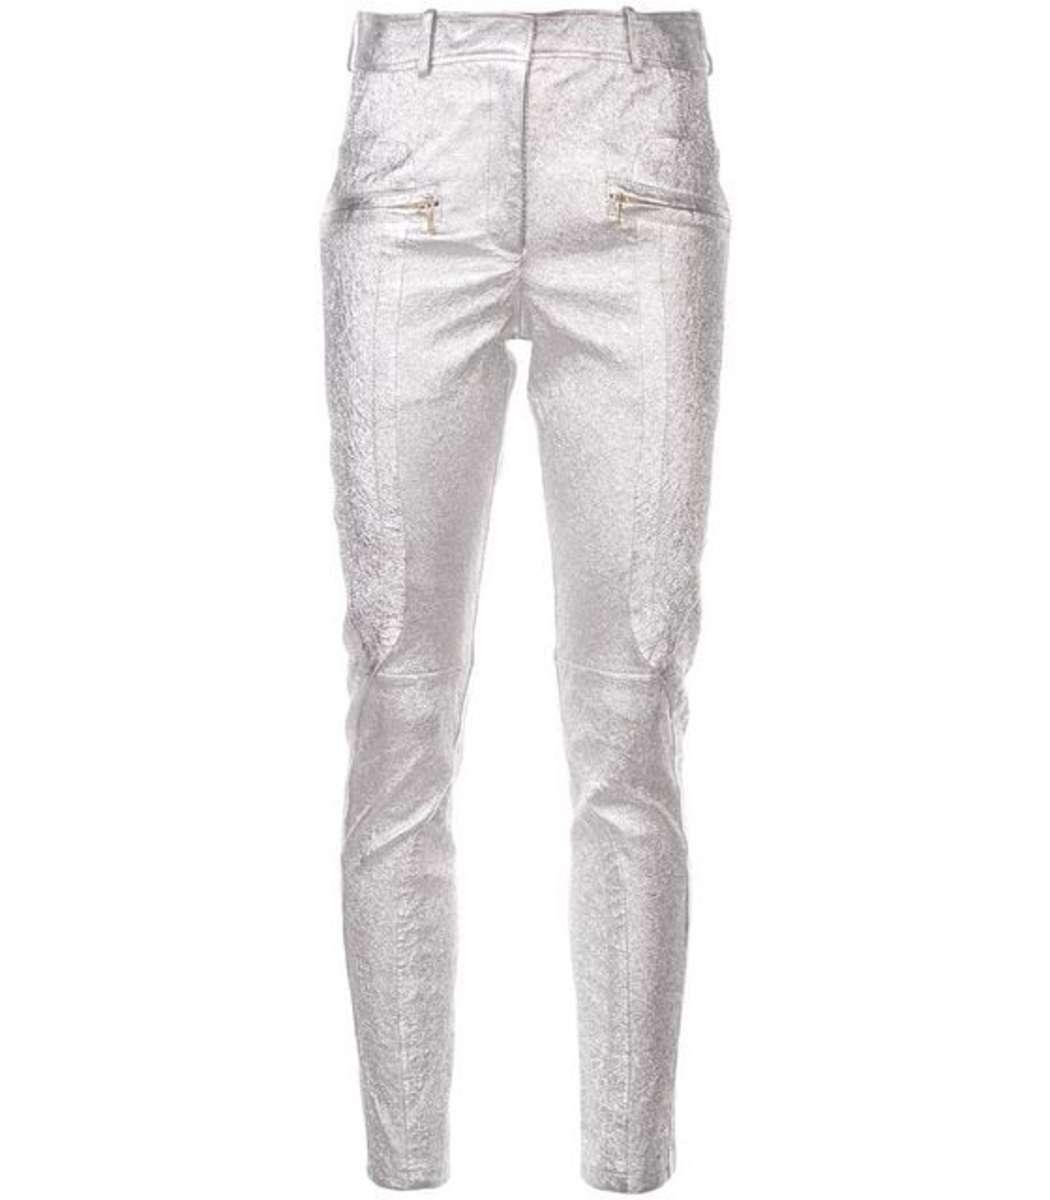 Sies Marjan Leathers Silver Skinny Trousers